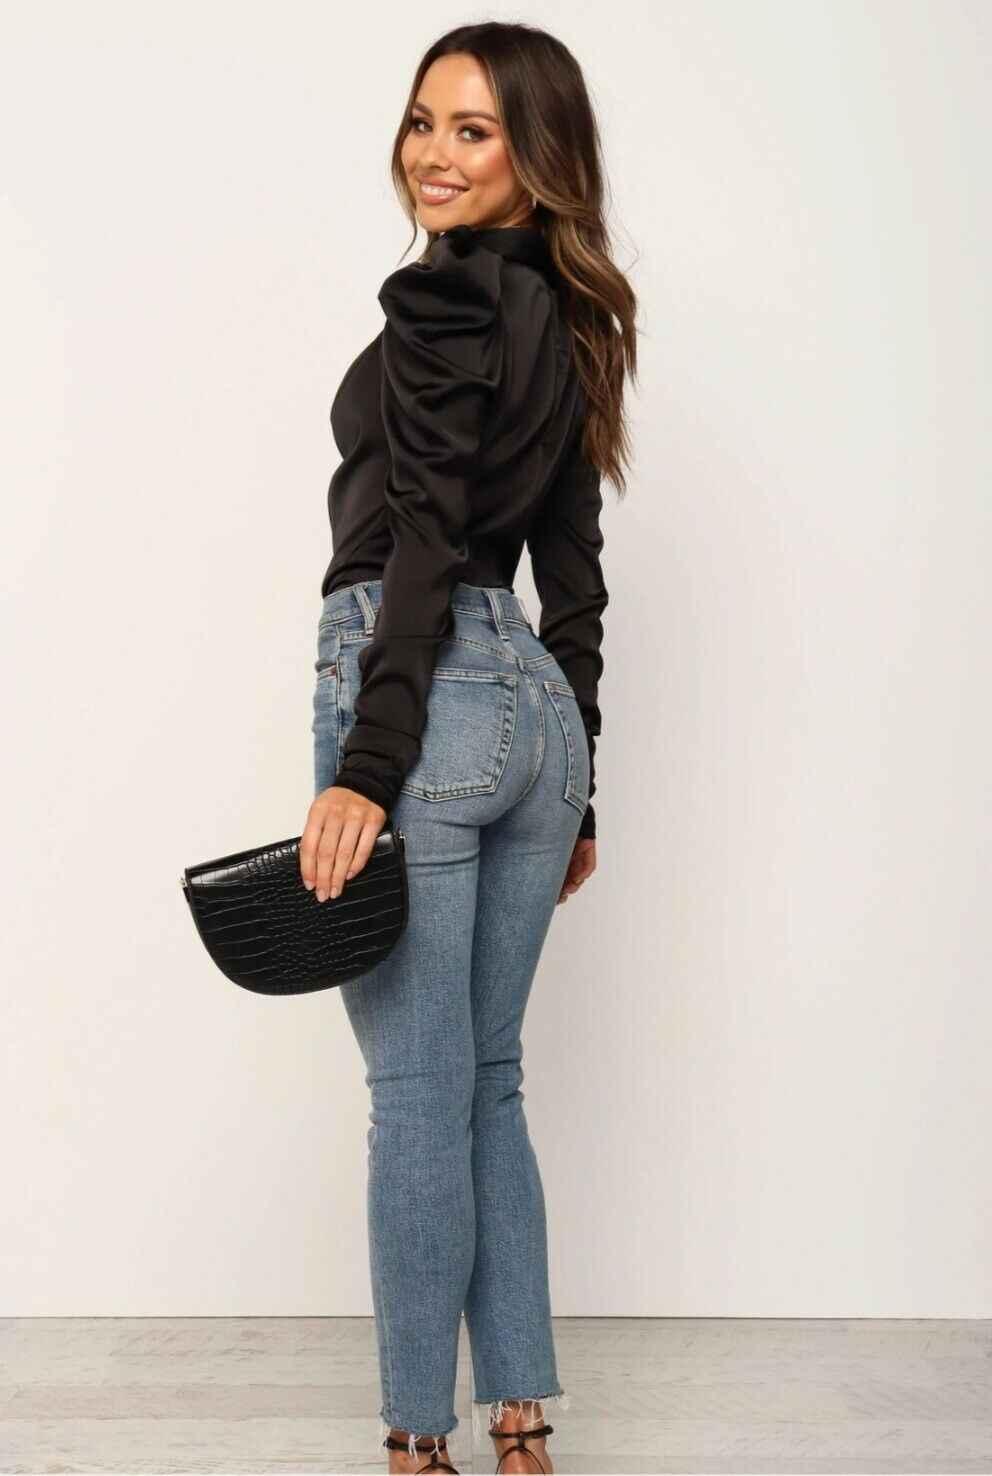 2020 Donne di modo Camicette di Raso Fiocco Al Collo A Maniche Lunghe Camicetta Elegante Office Lady Camicette Femminile Blusas S-XL